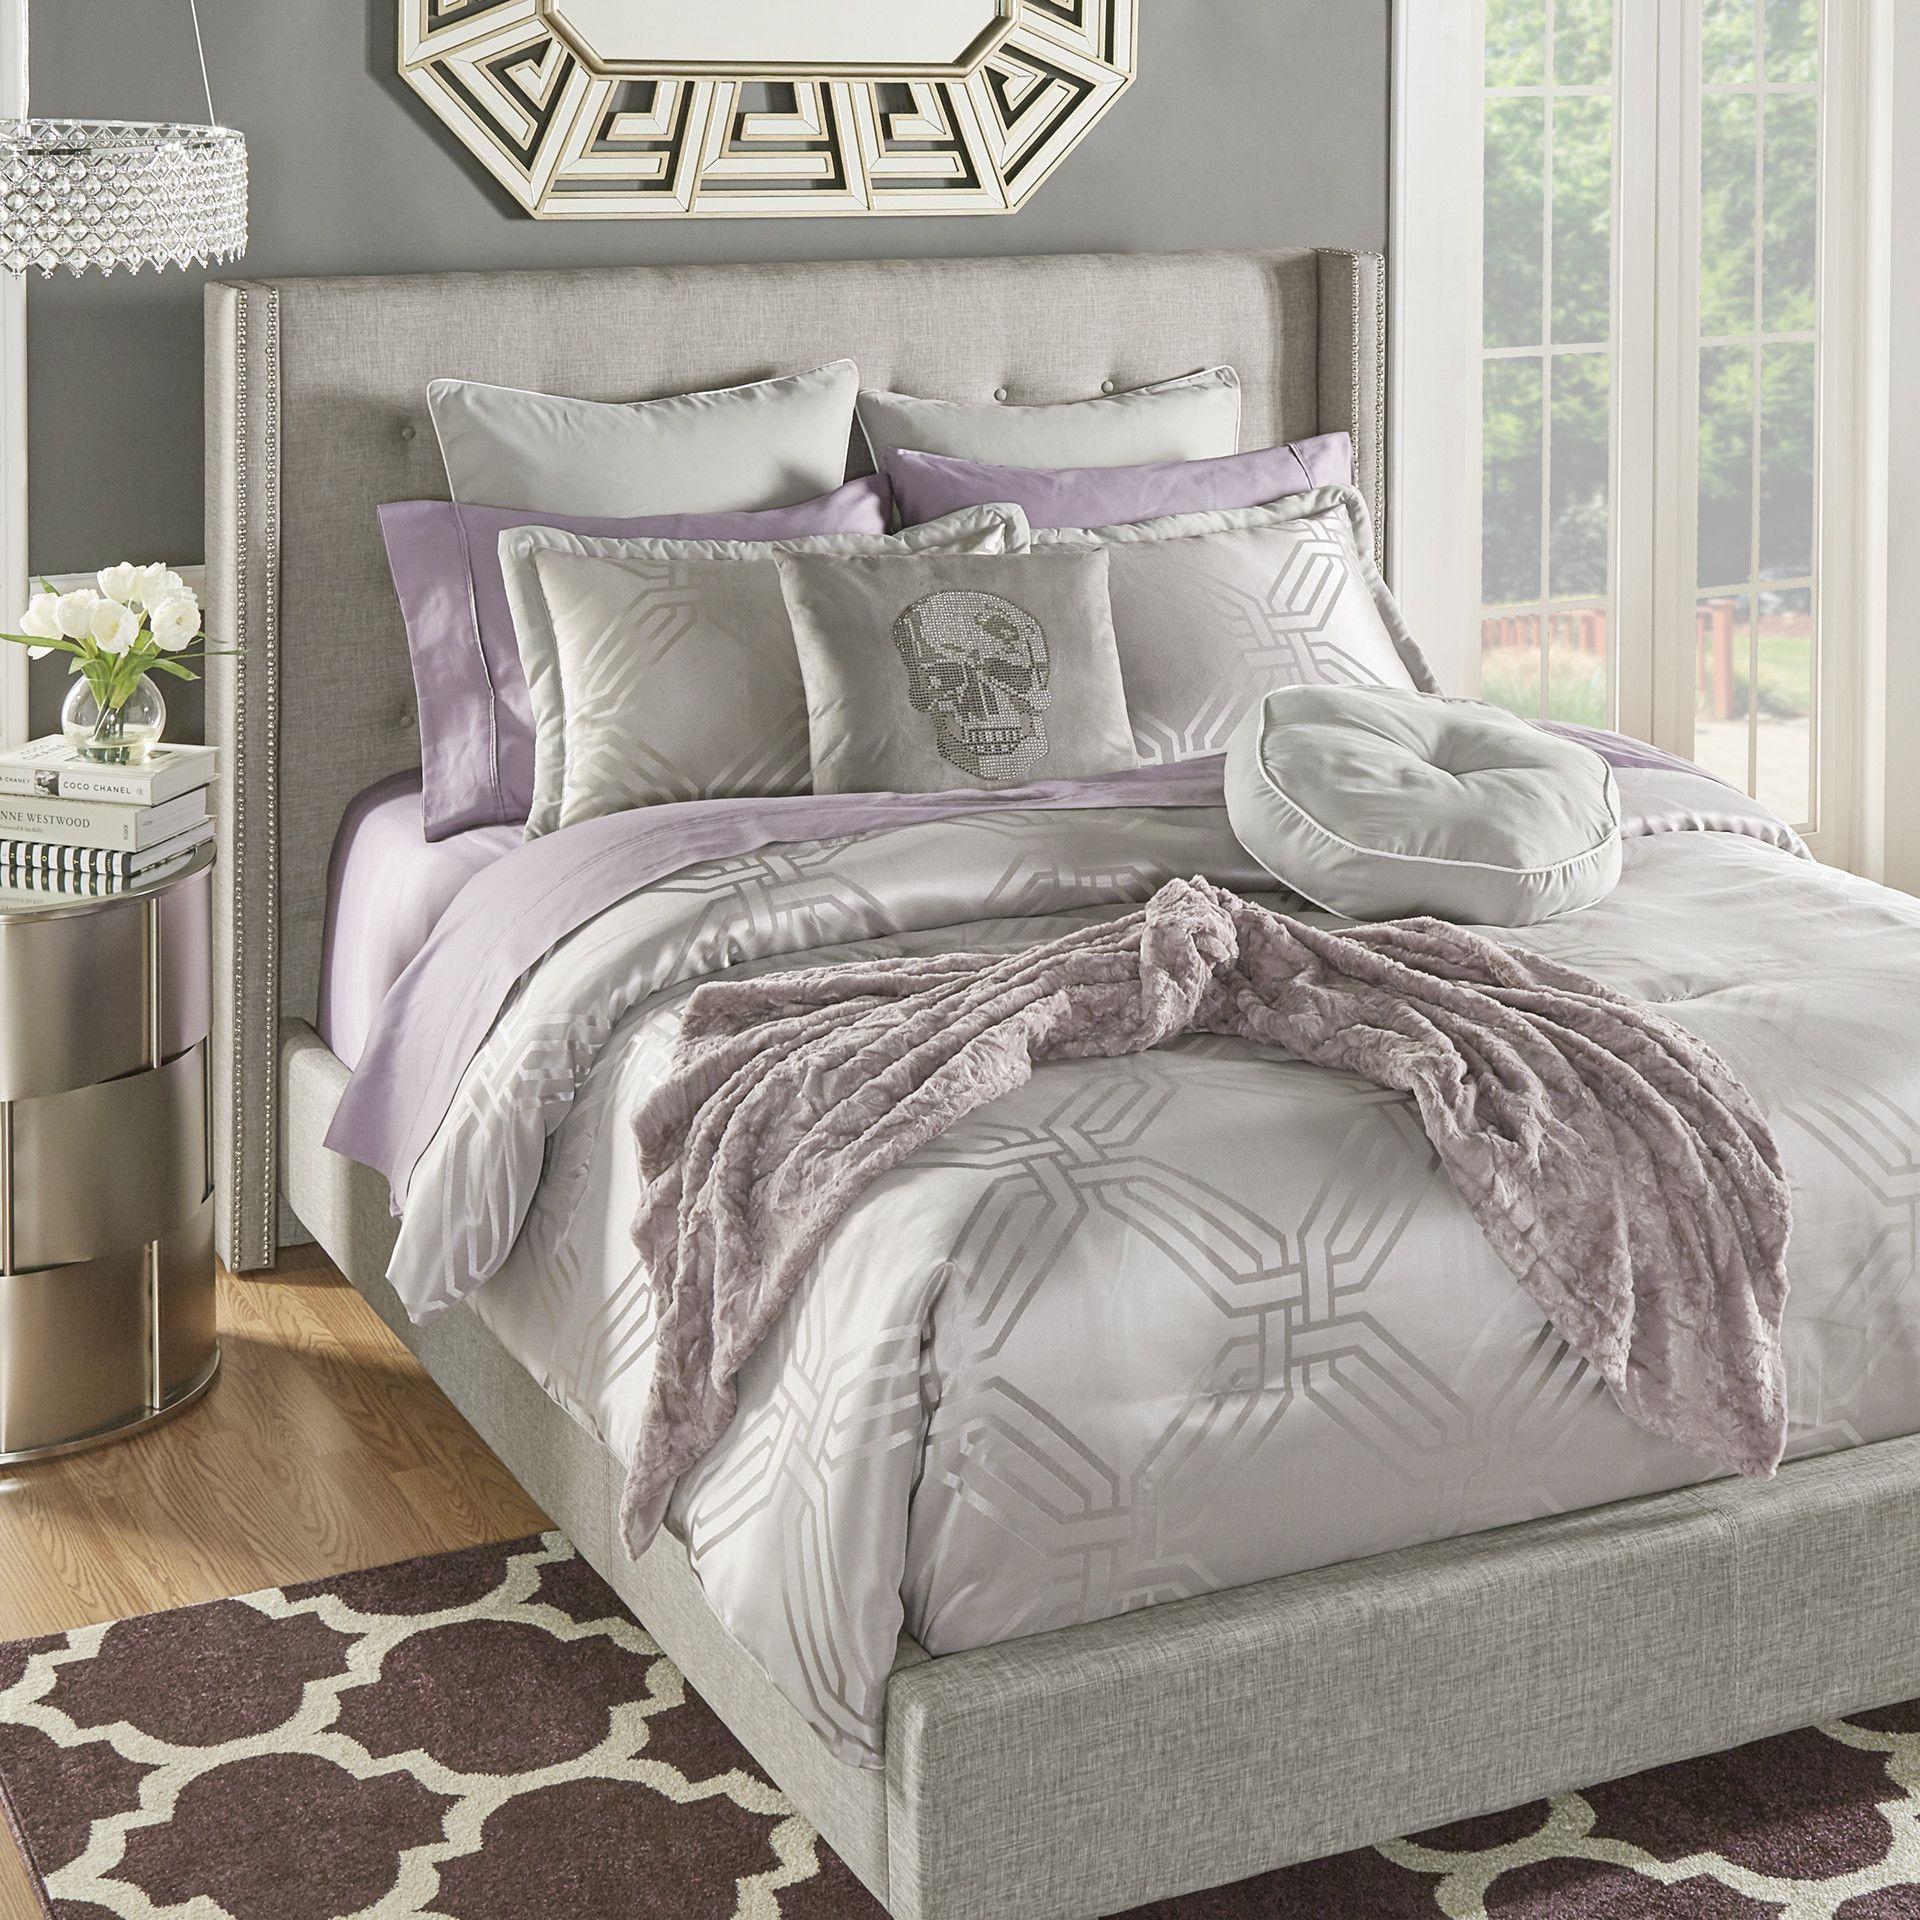 Ignmar 6 Piece Reversible Comforter Set Comforter sets